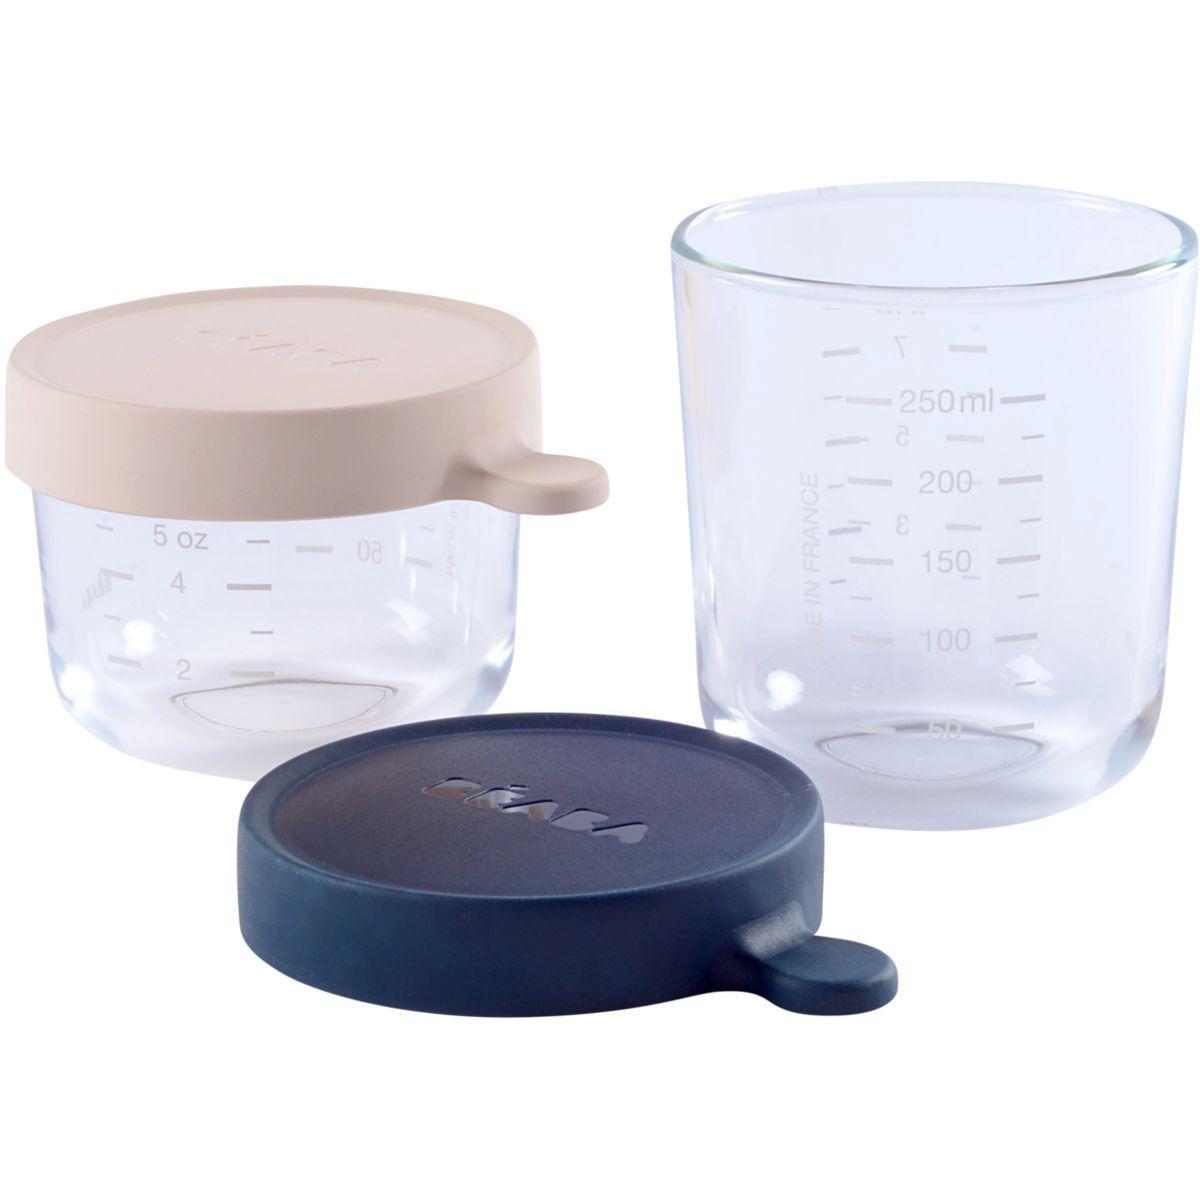 Accessoire pu�riculture beaba 912654 coffret 2 portions verre - livraison offerte : code livrelais (photo)